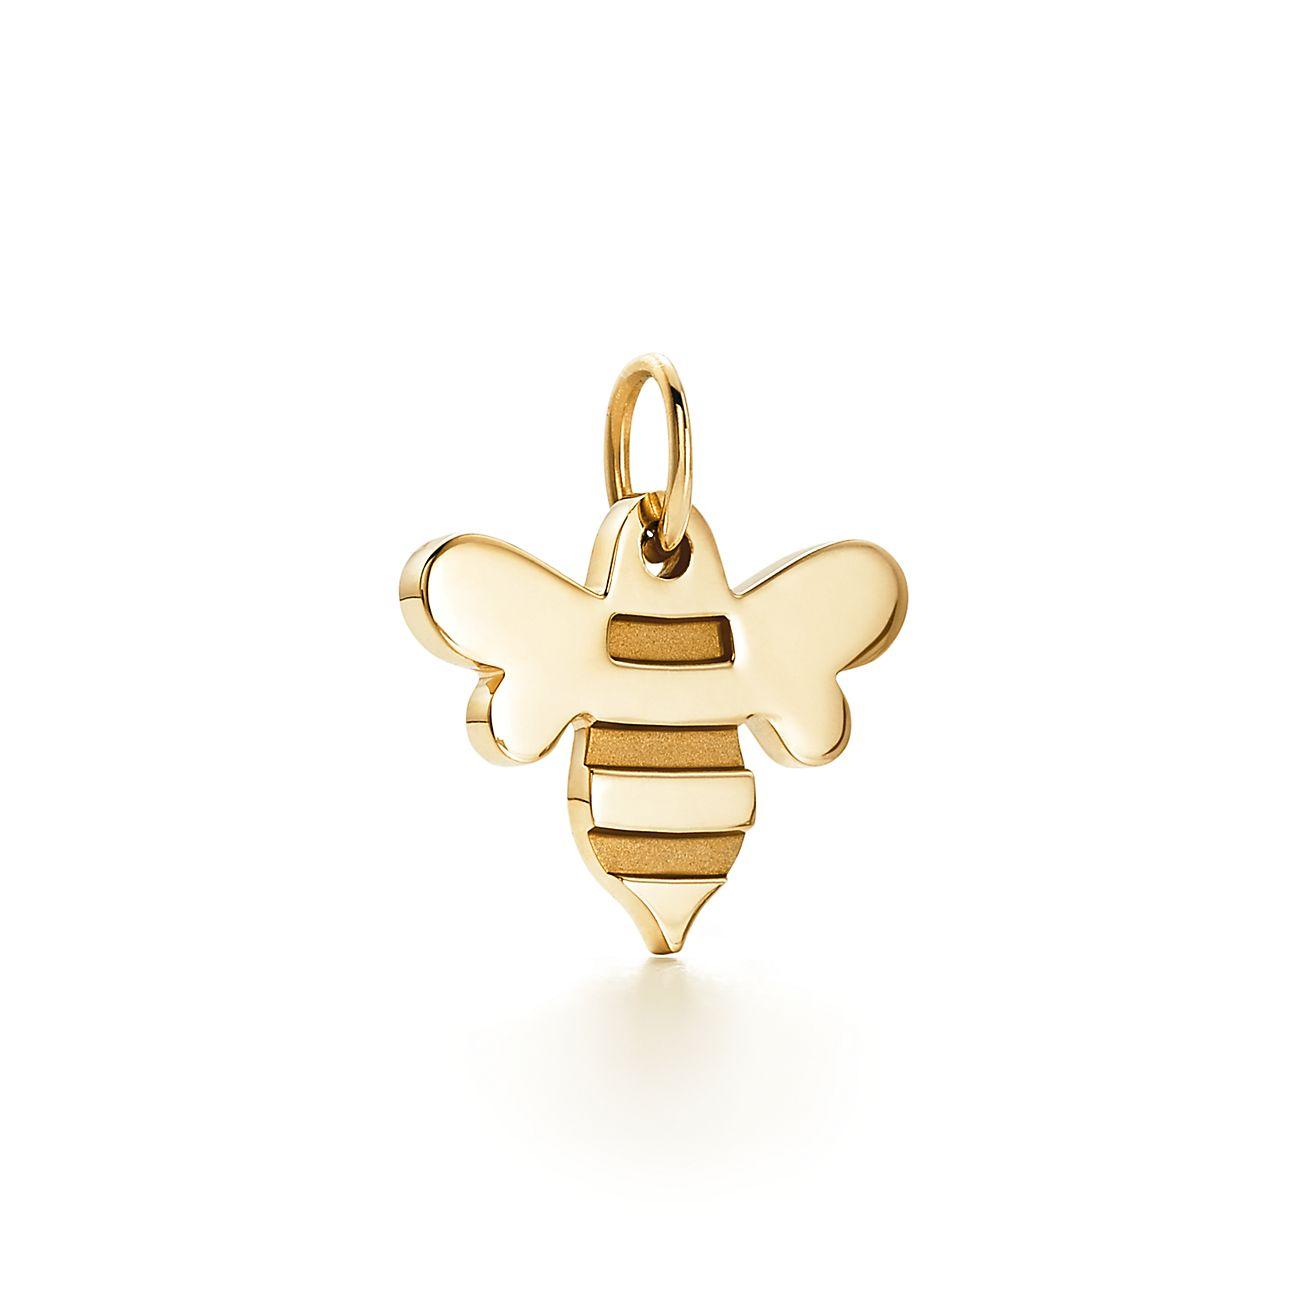 Tiffany Charms honey bee charm in 18k gold Tiffany & Co.